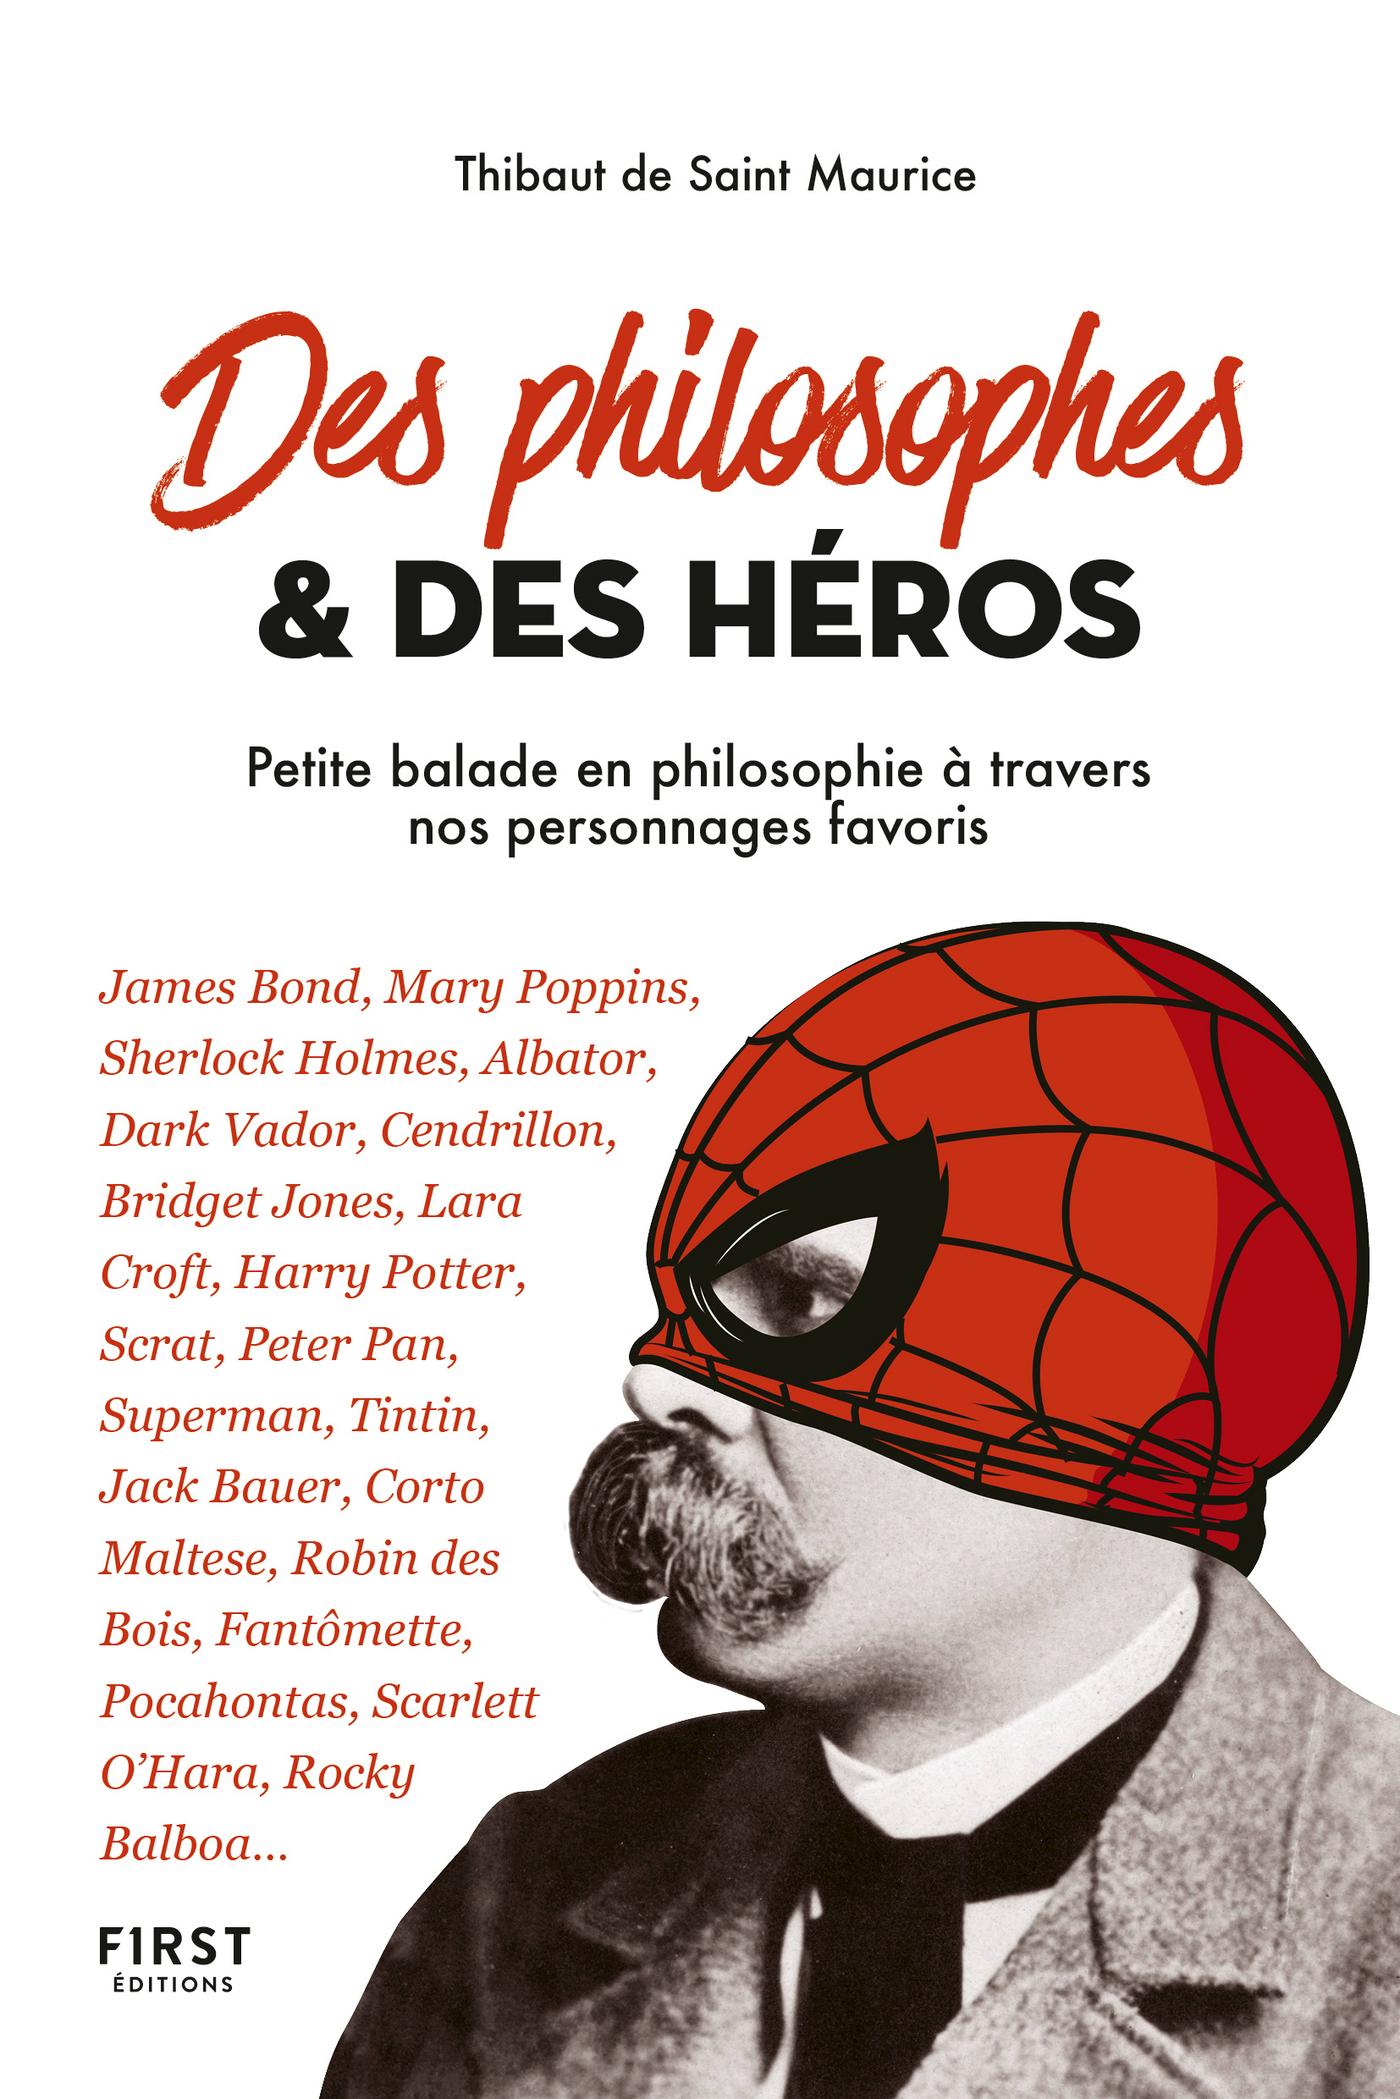 Des philosophes et des h?ros - petite balade en philosophie ? travers nos personnages favoris